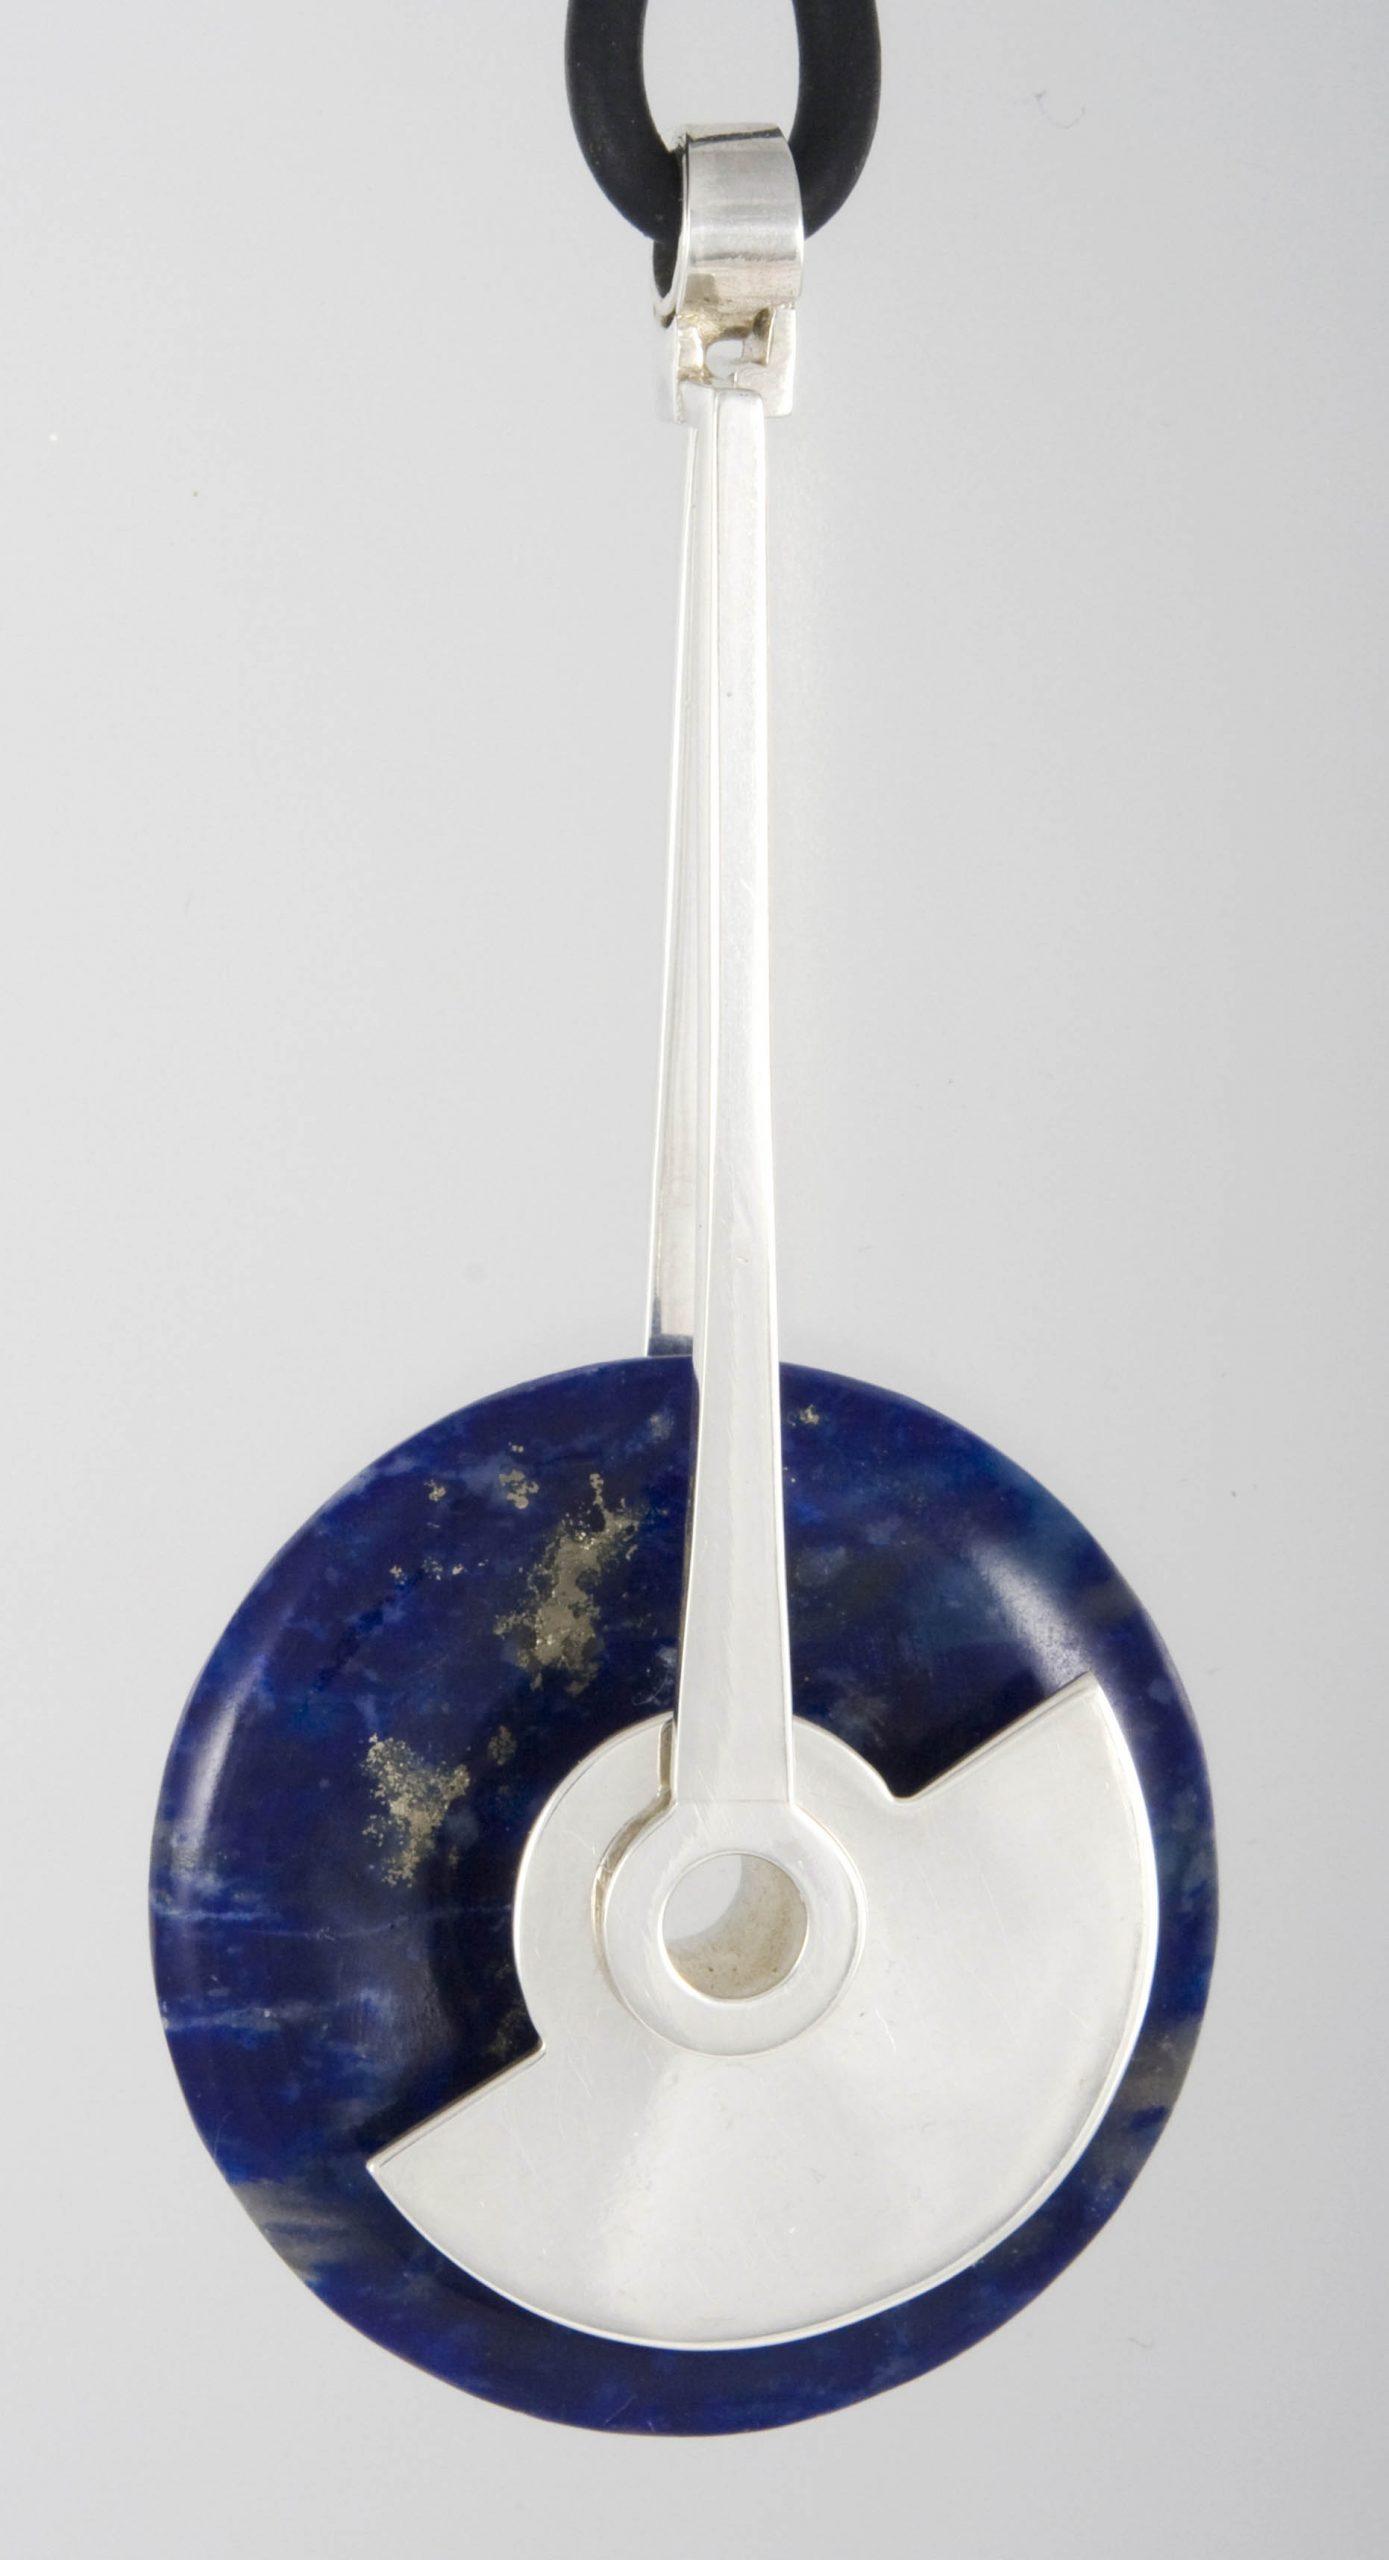 ...met lapis lazuli